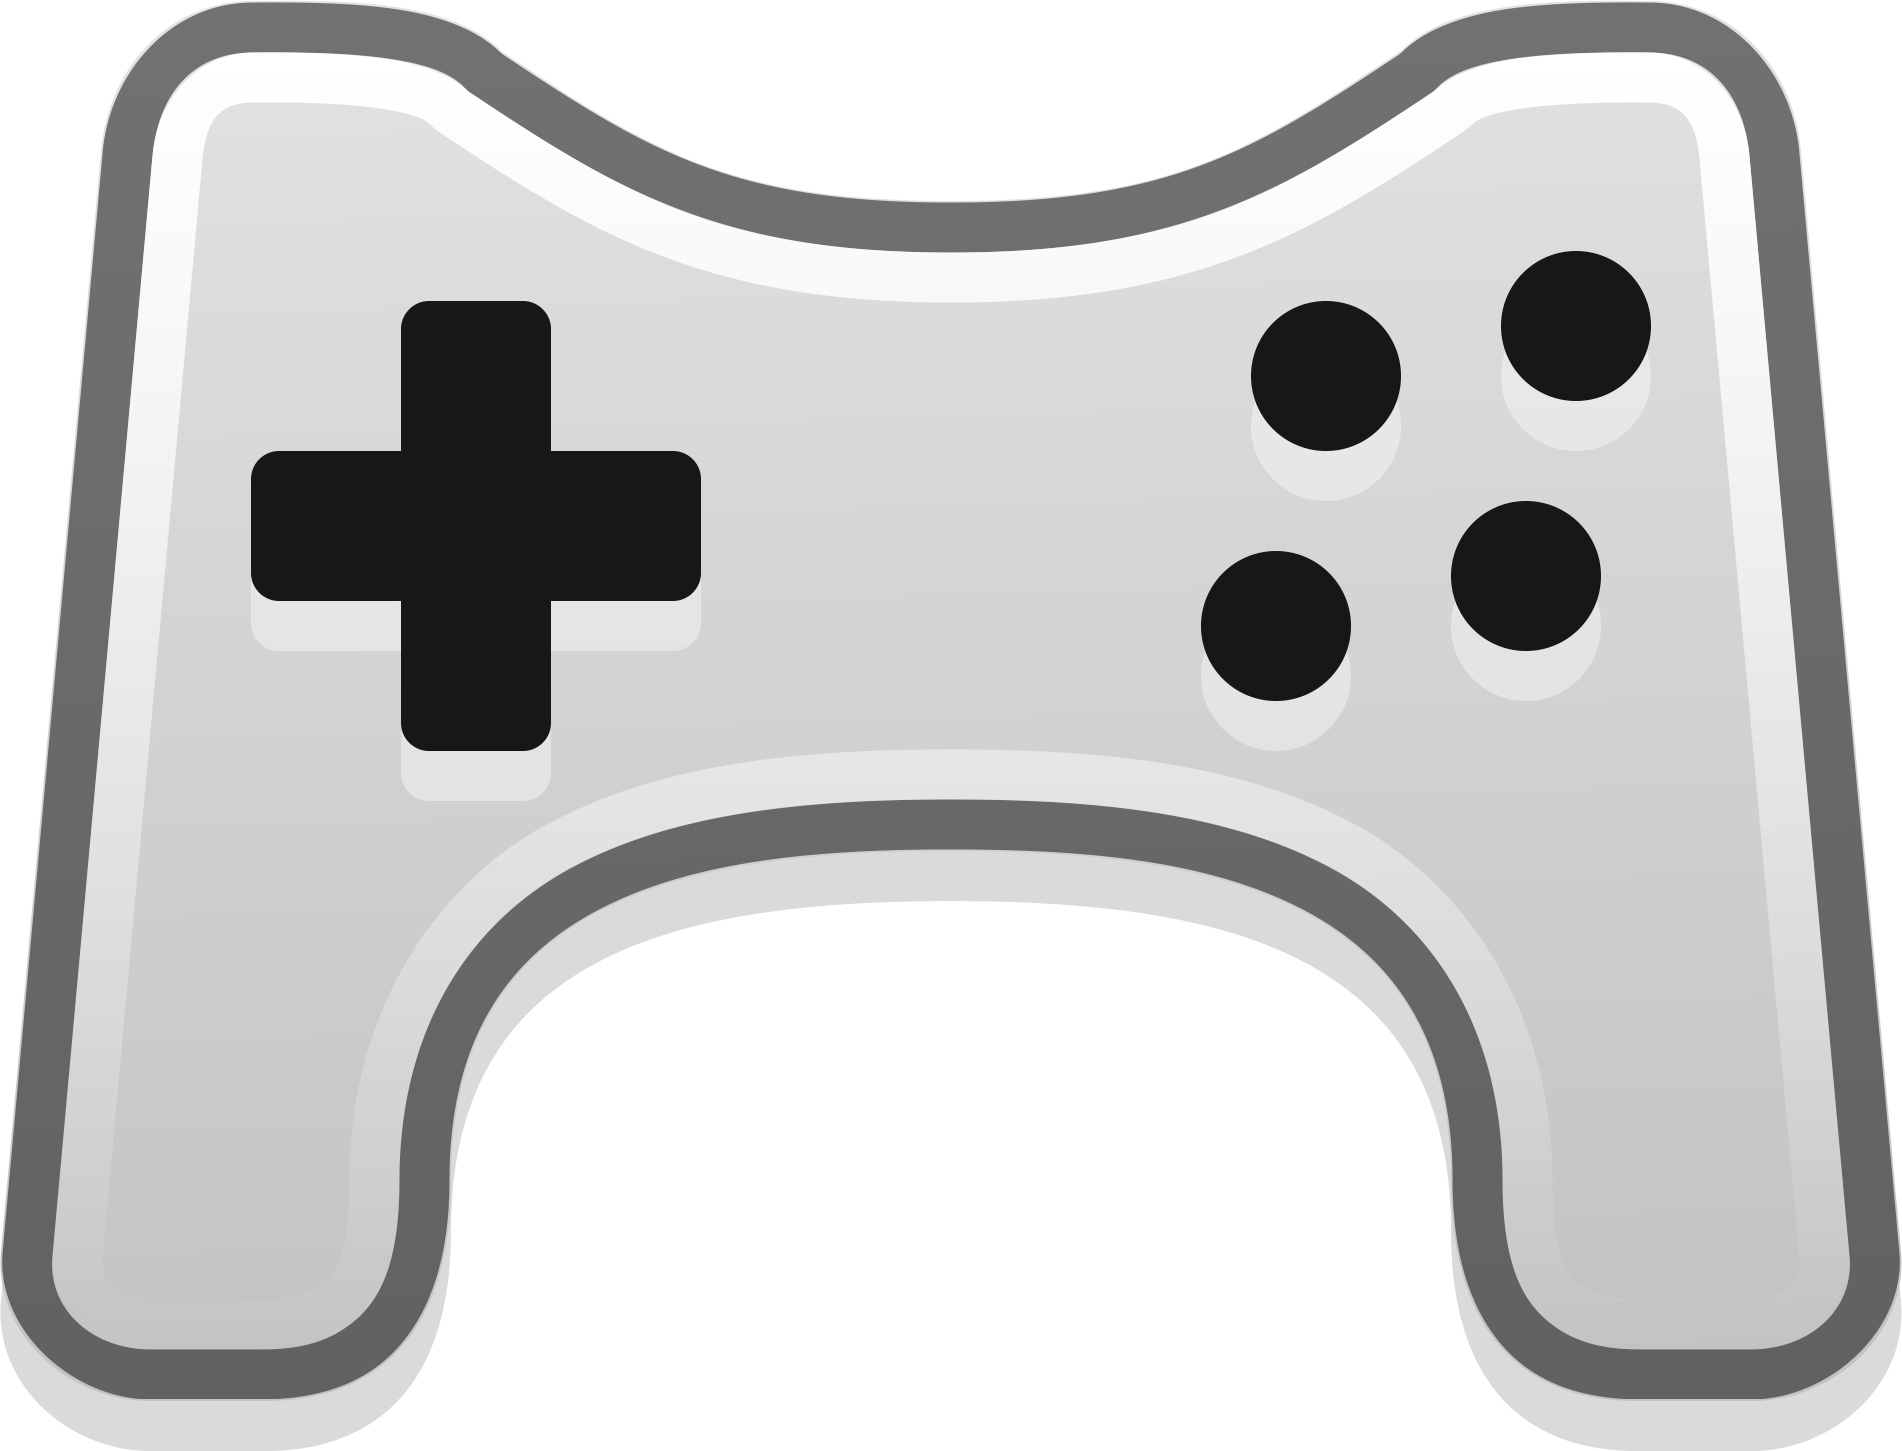 Gamepad big image png. Game clipart game pad